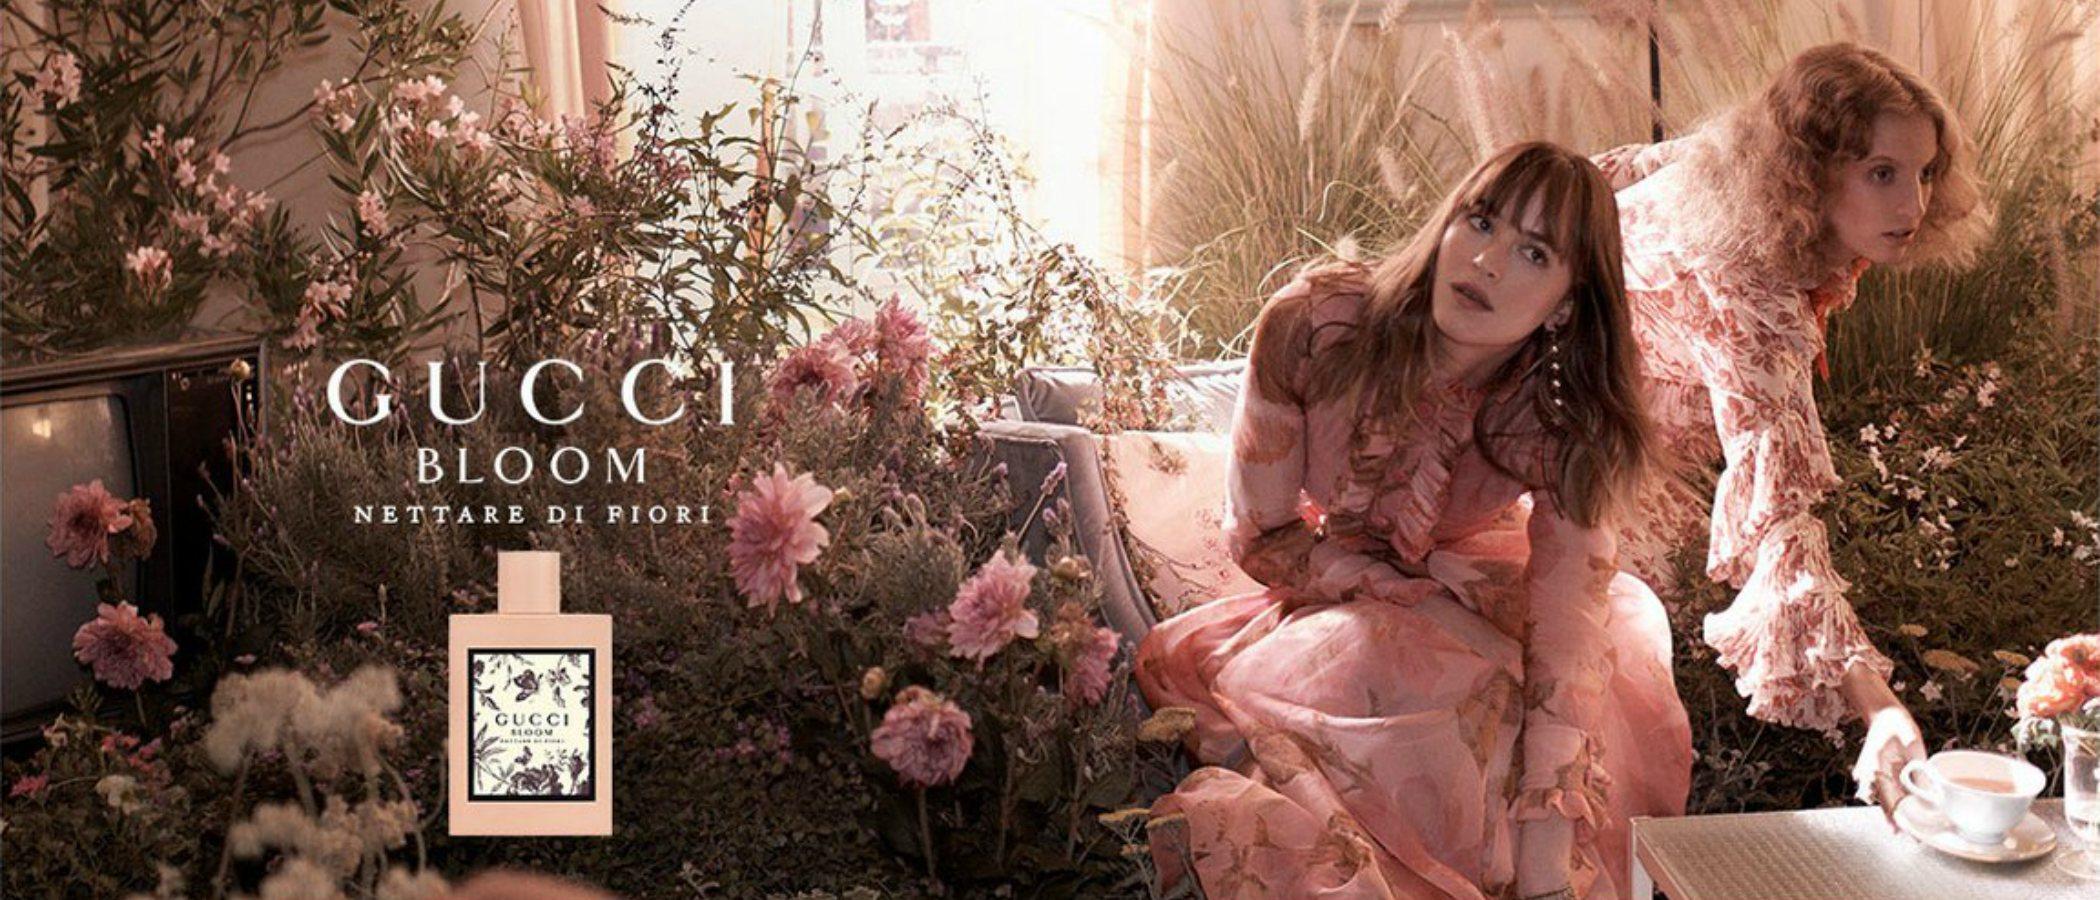 'Gucci Bloom Nettare di Fiori', la nueva fragancia femenina de Gucci